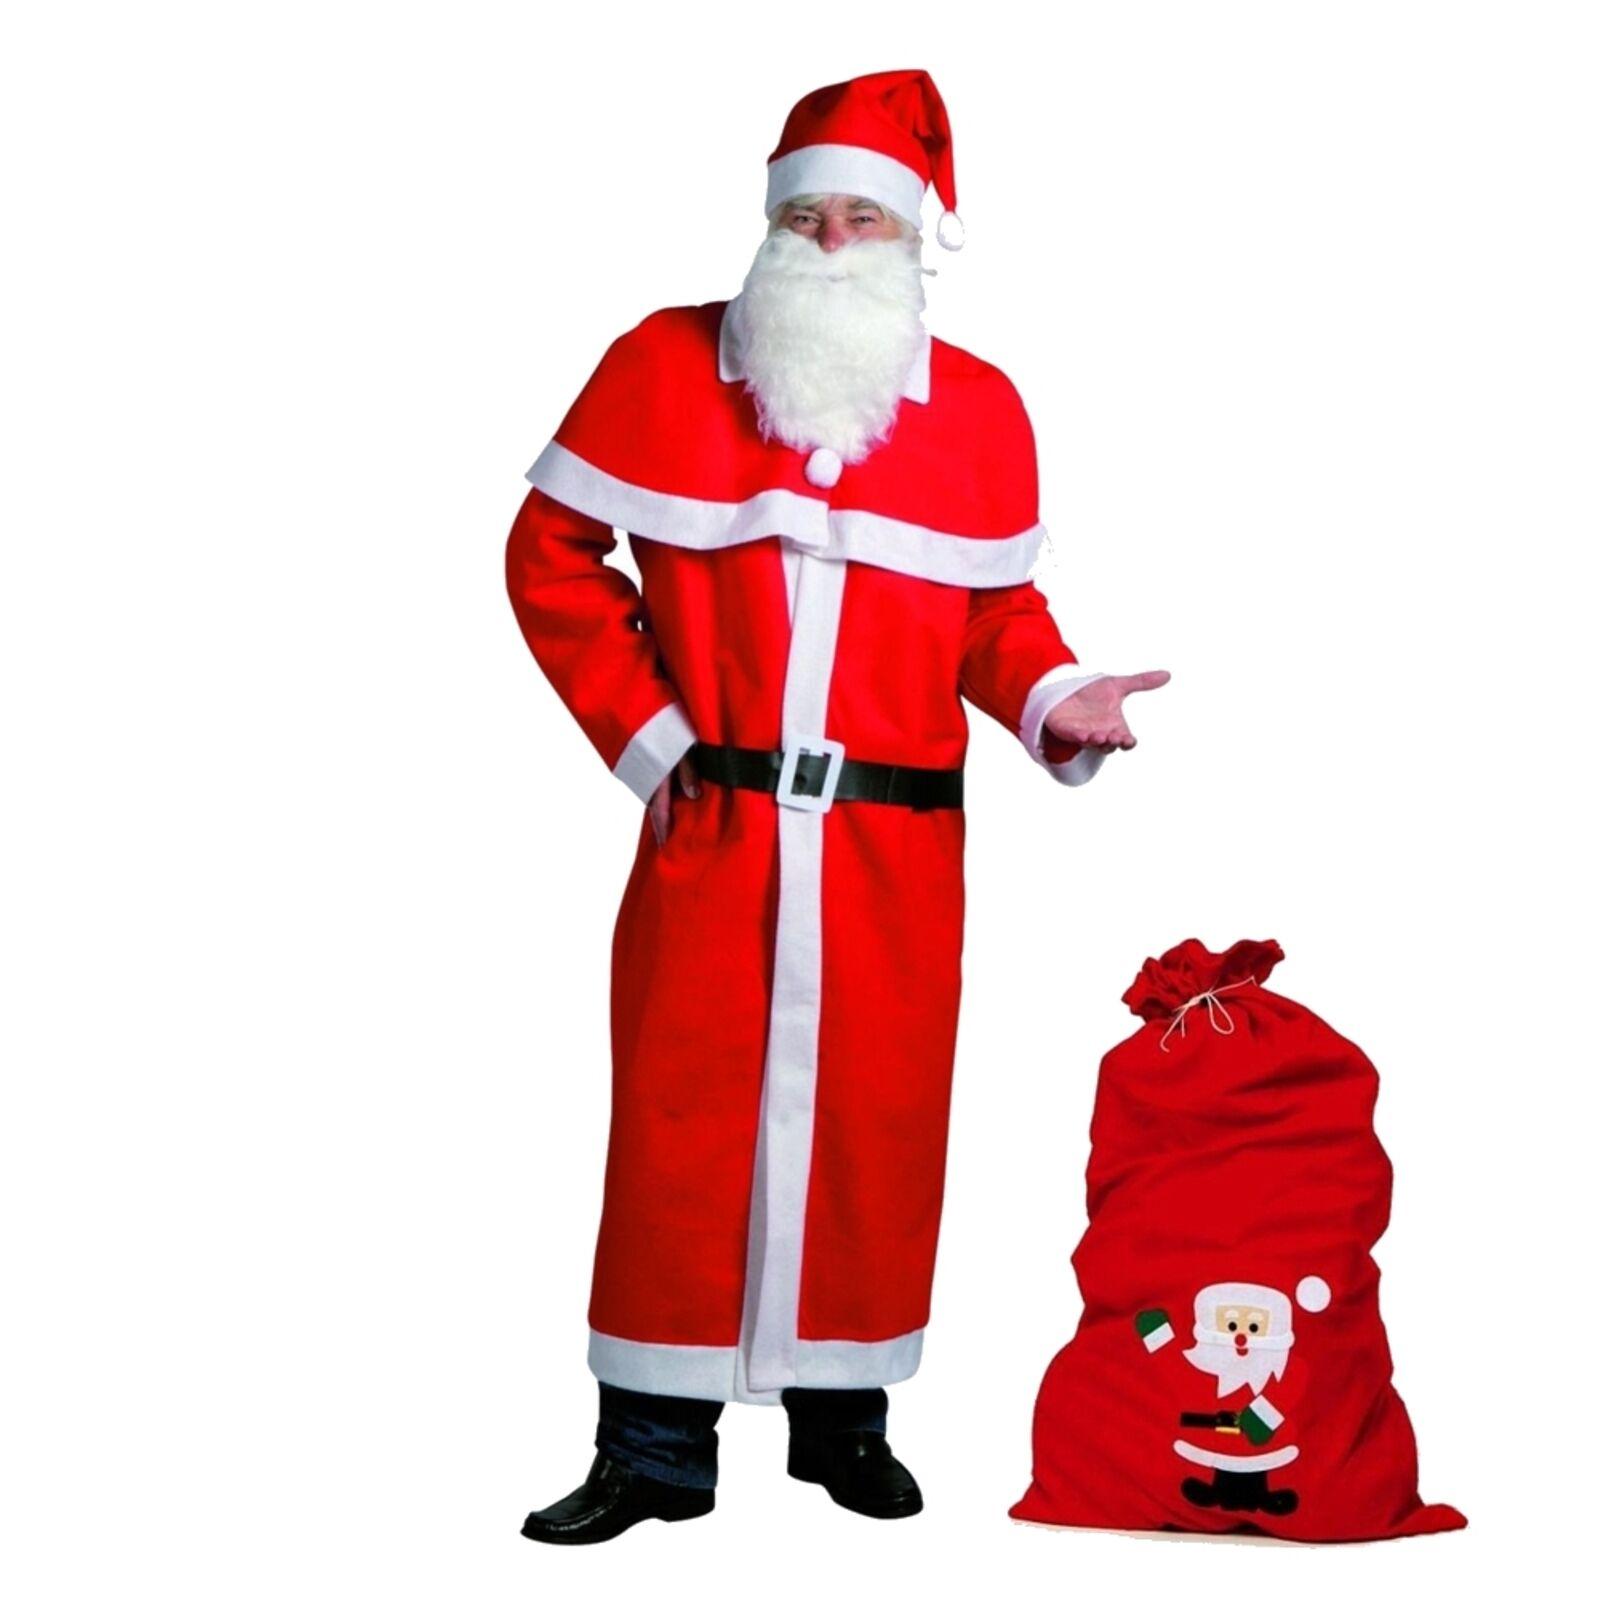 Weihnachtsmann Mantel Kostüm-Set 6-teilig mit großem Filzsack Nikolaus